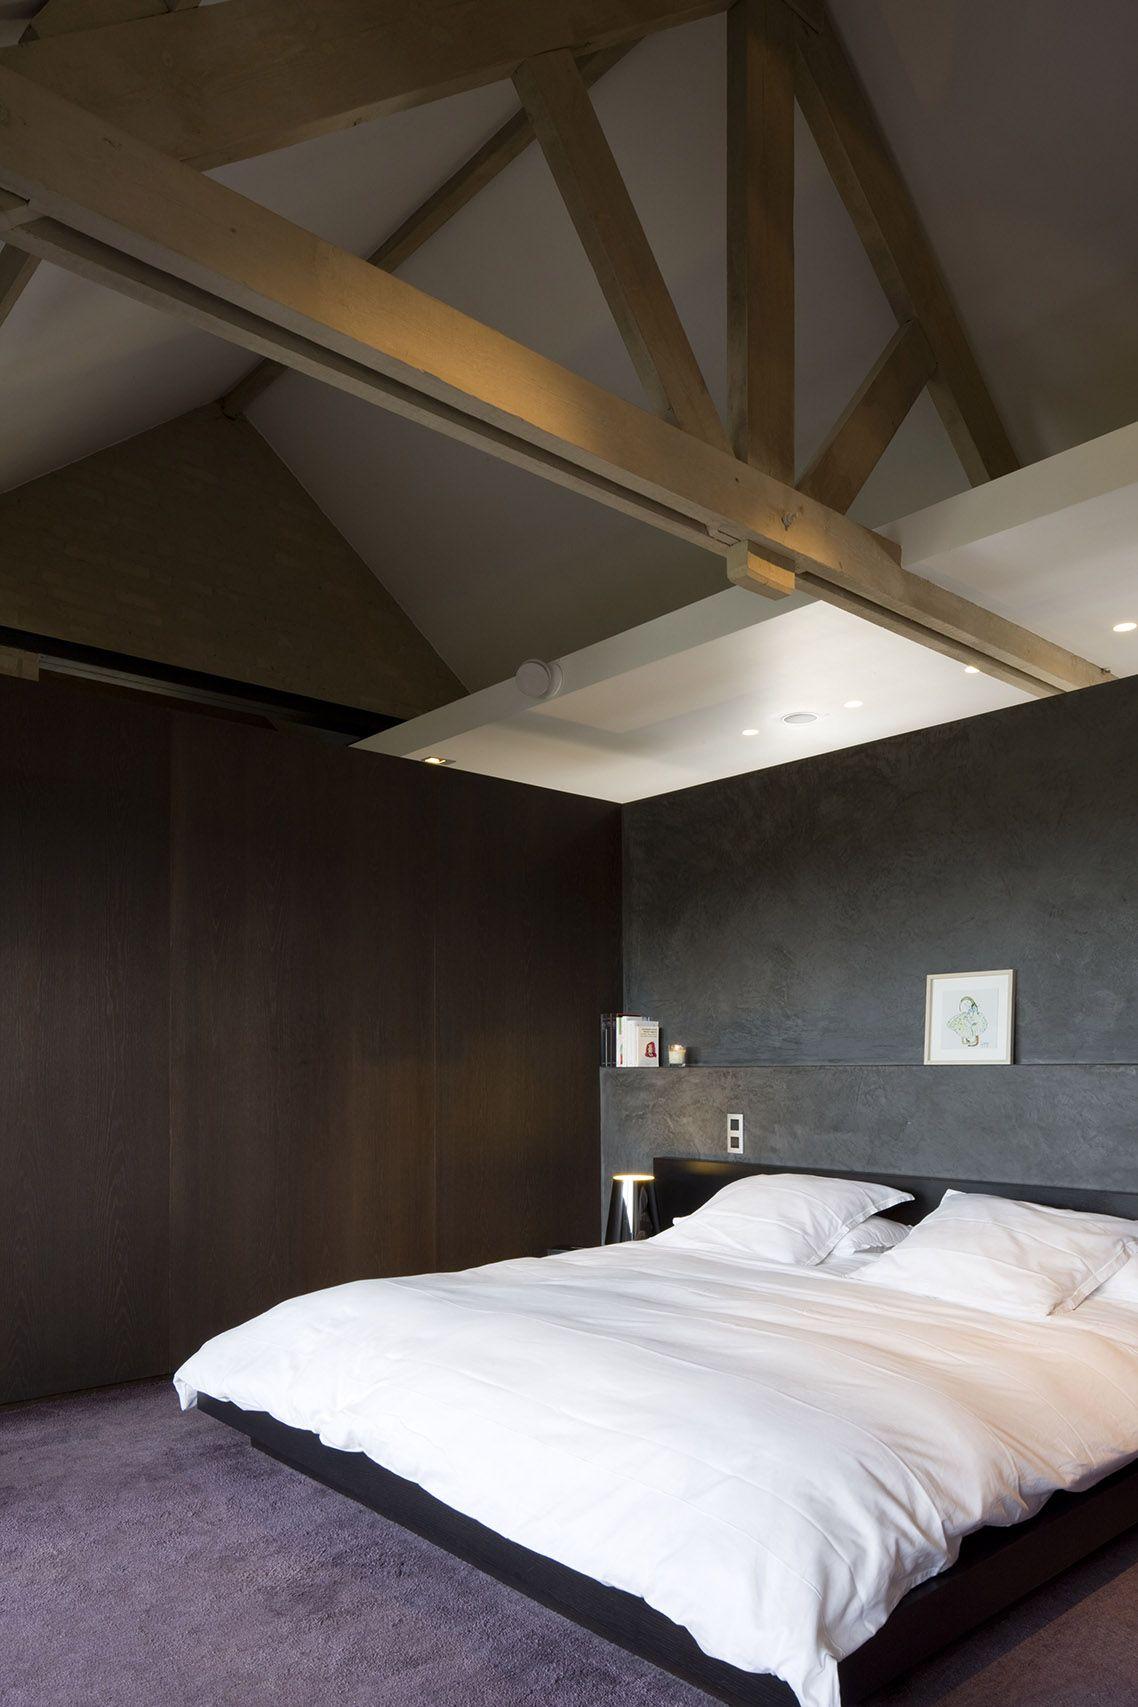 une carte blanche est offerte guillaume da silva redonner un sens et une histoire une. Black Bedroom Furniture Sets. Home Design Ideas